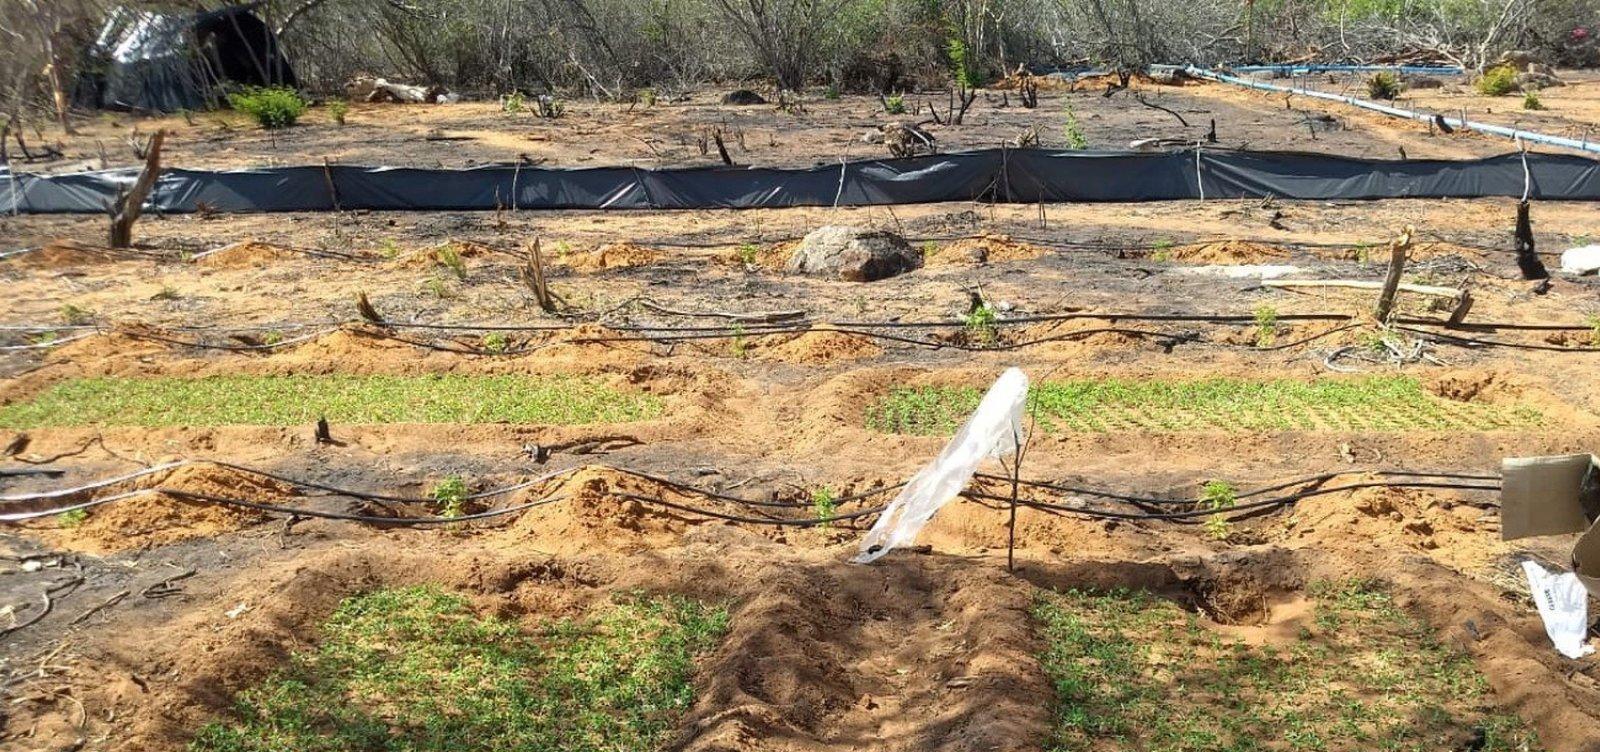 [Polícia Militar encontra plantação com mais de 50 mil pés de maconha na Bahia]